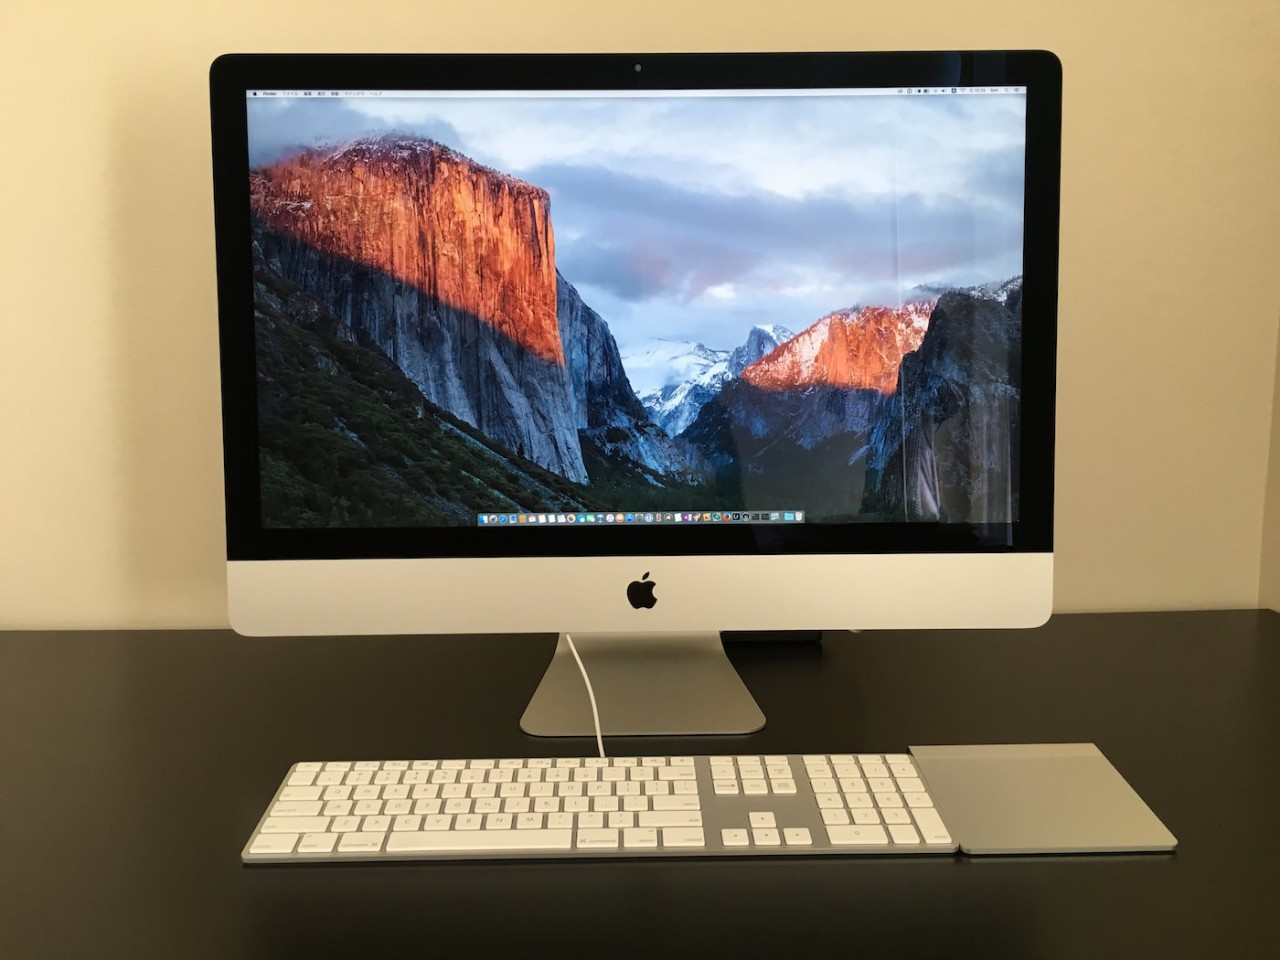 複数のMacを時と場所に応じて使い分けることで生産性を高める。